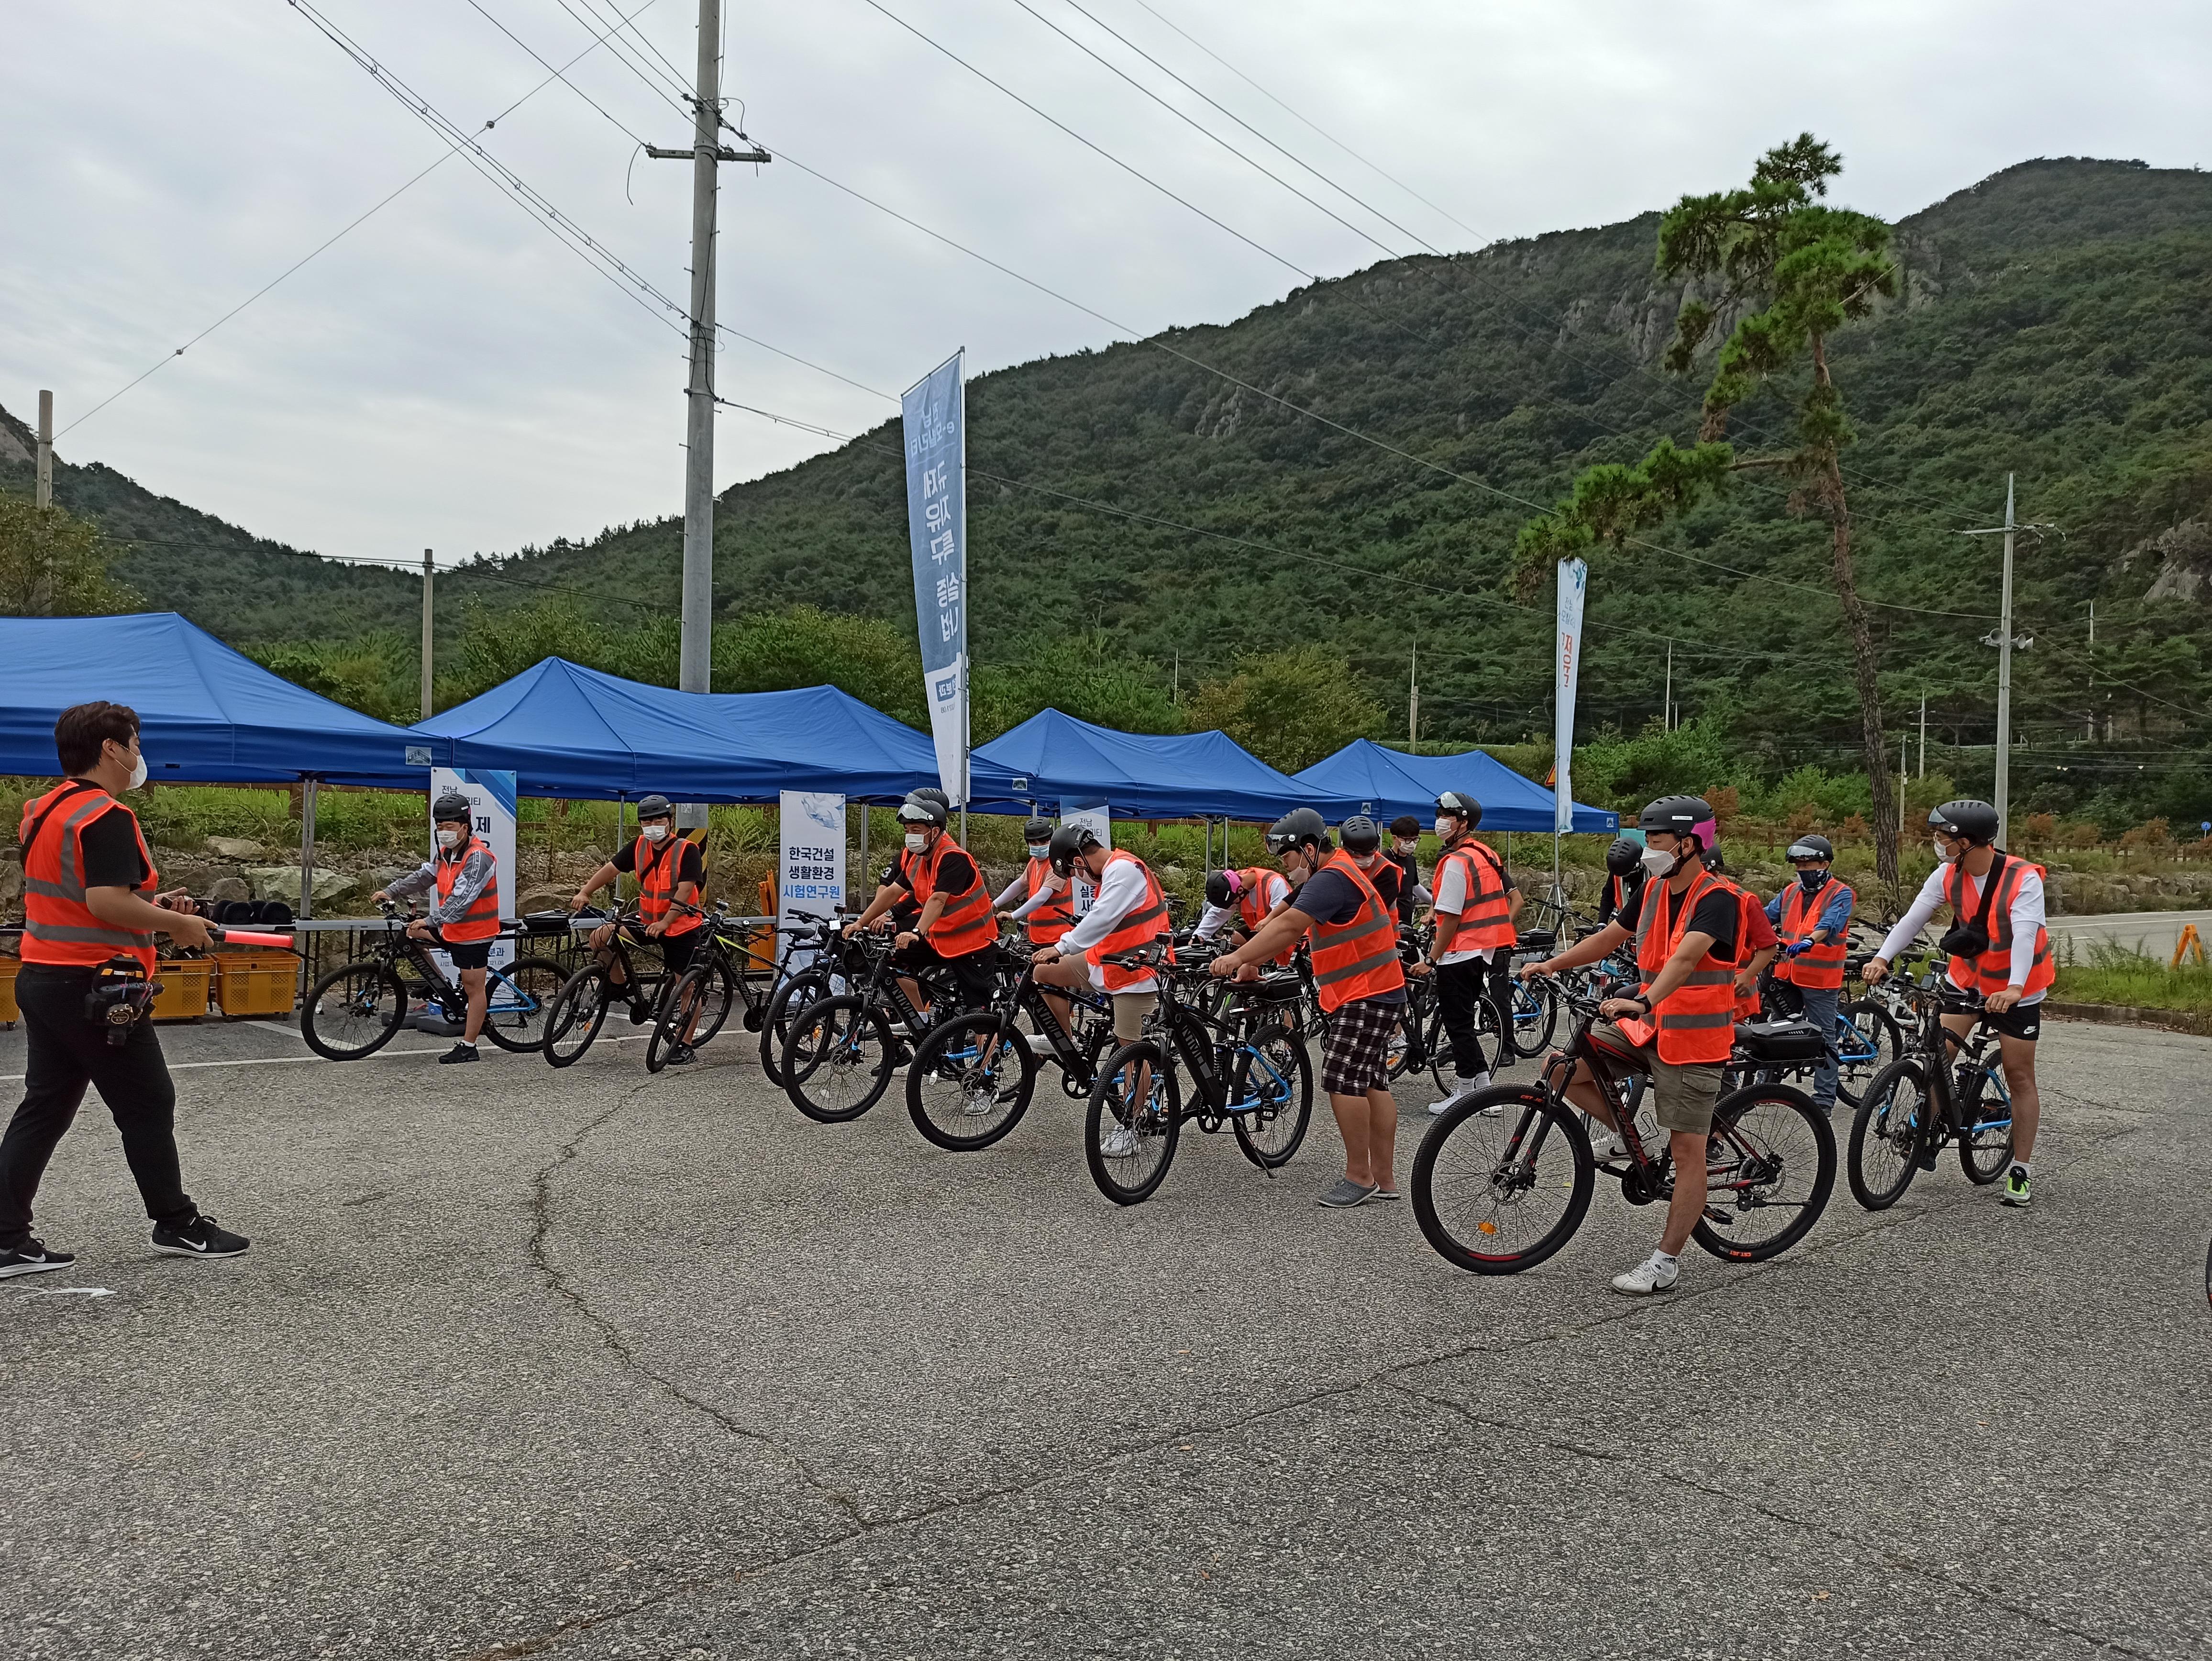 (영광 규제 자유 특구 전기자전거 주행 실증을 통해 스로틀을 장착한 전기자전거도 자전거도로 진입이 가능해졌다, 출처 : 모토벨로)